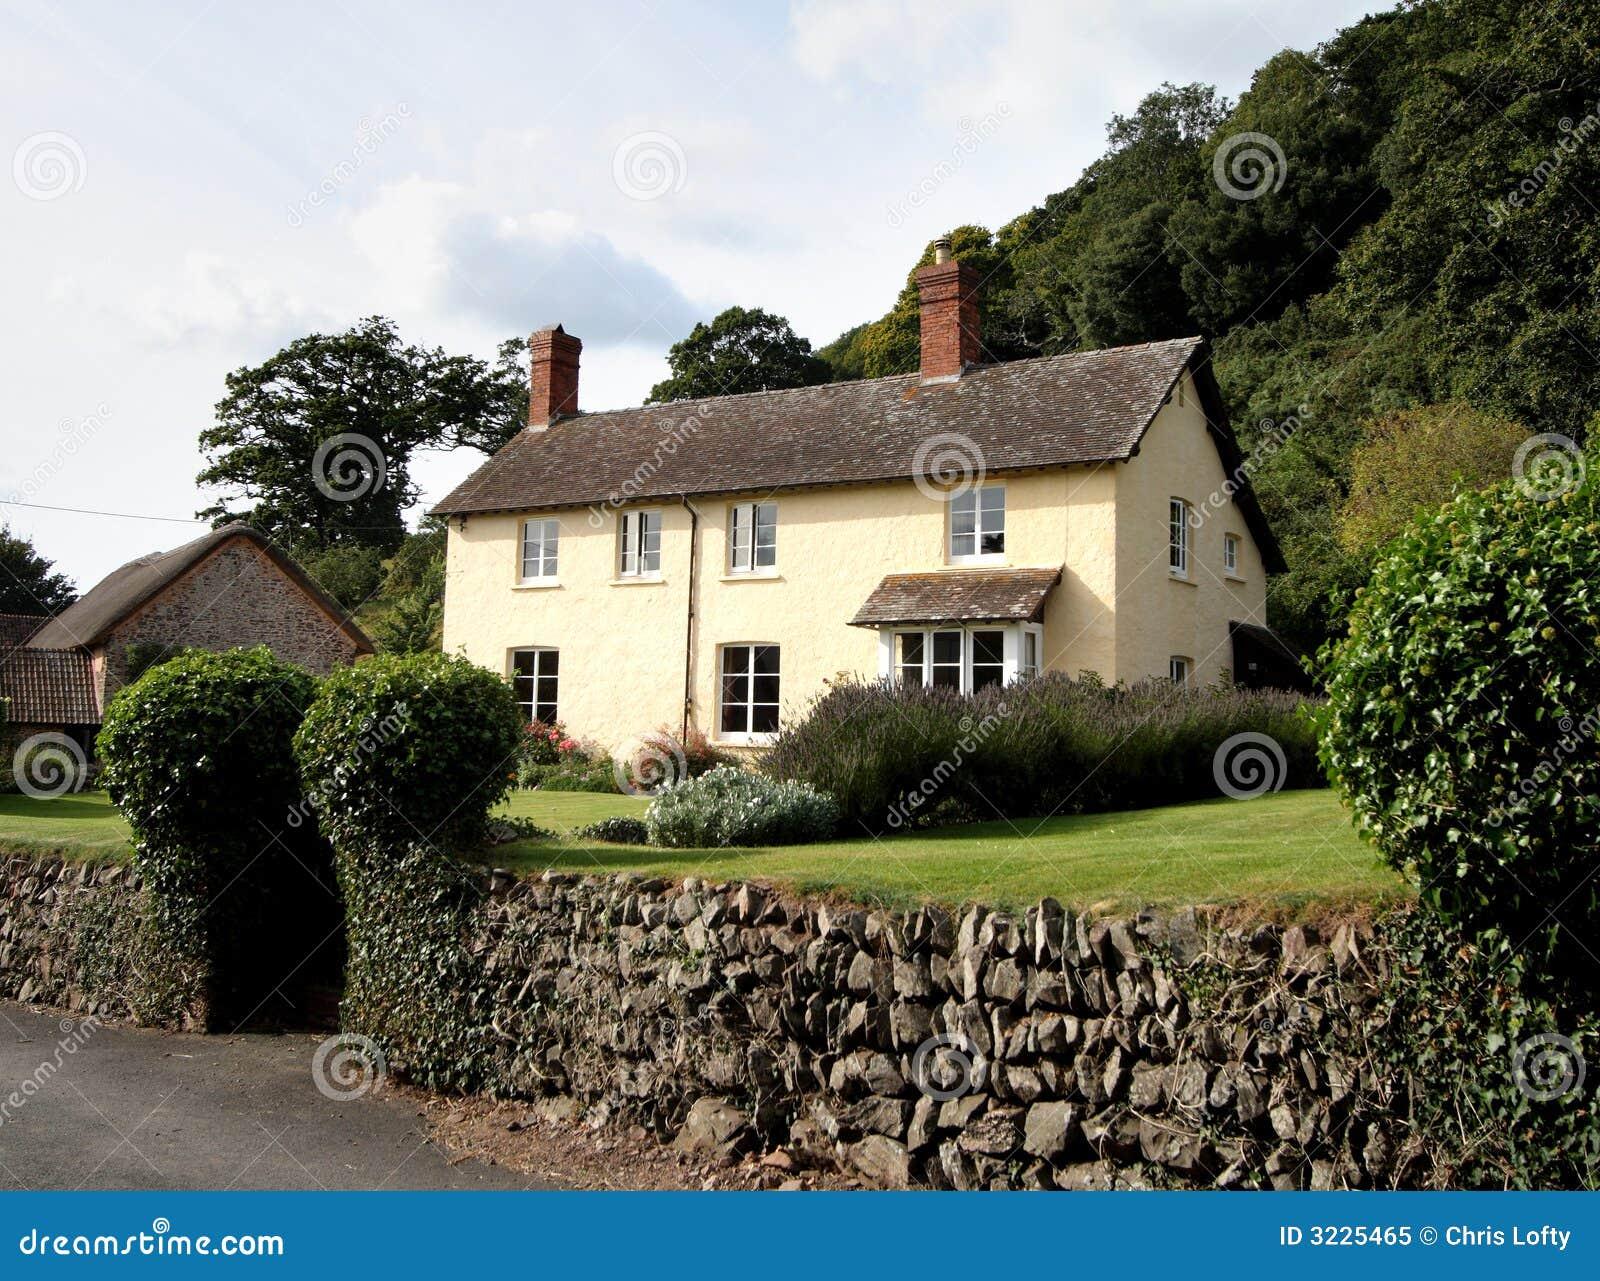 Camere inglesi in un villaggio rurale inglese.